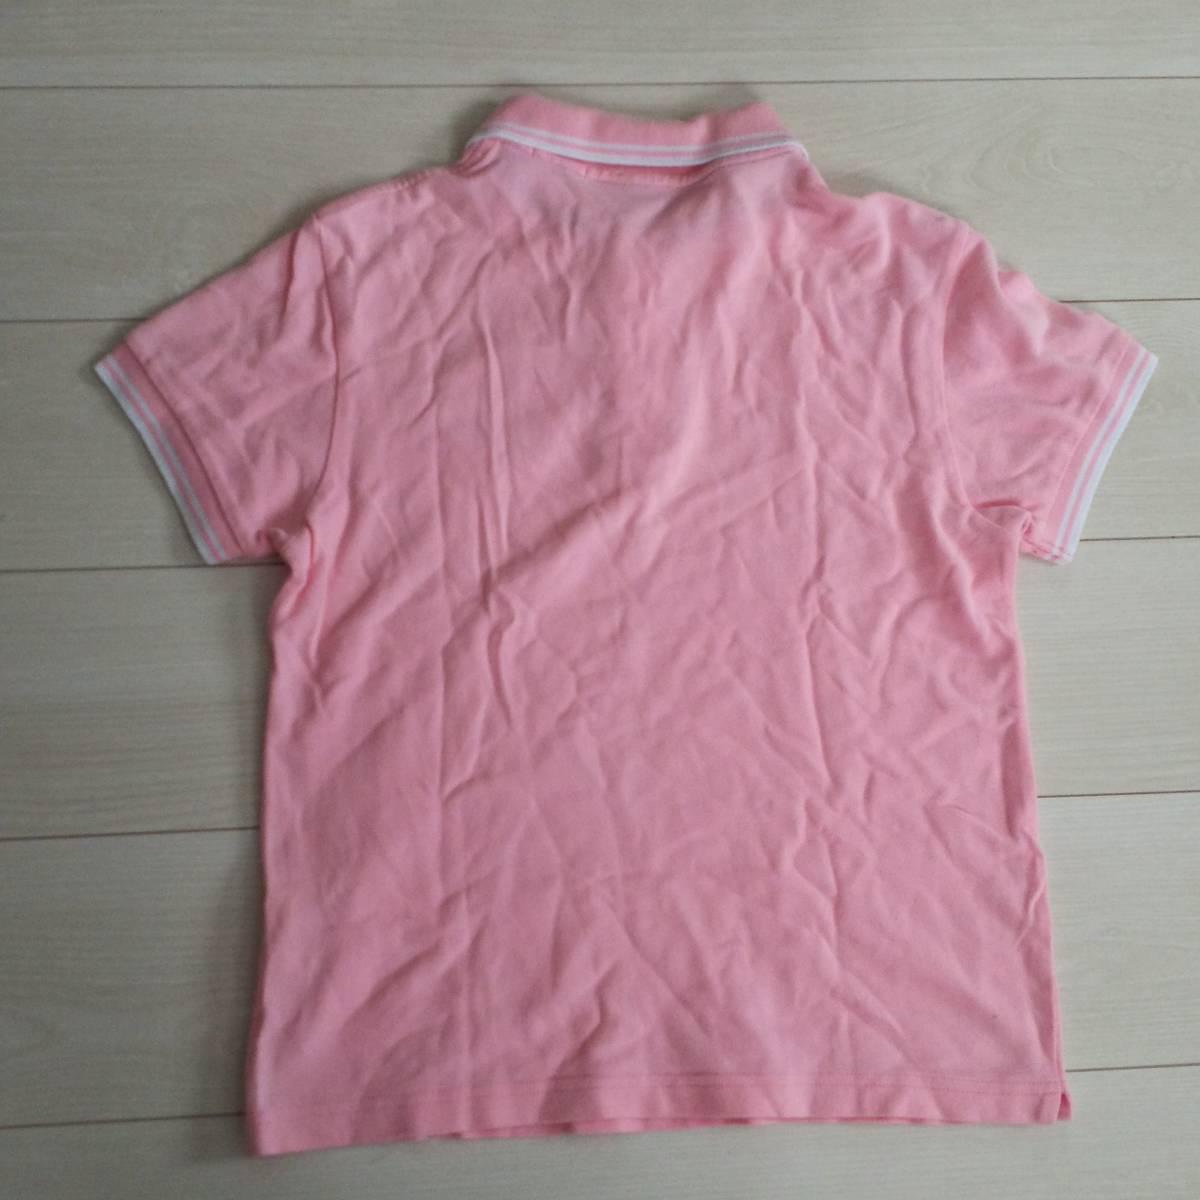 ★モンクレール MONCLER スリムフィット 半袖 ポロシャツ ピンク×白 レディース★_画像4